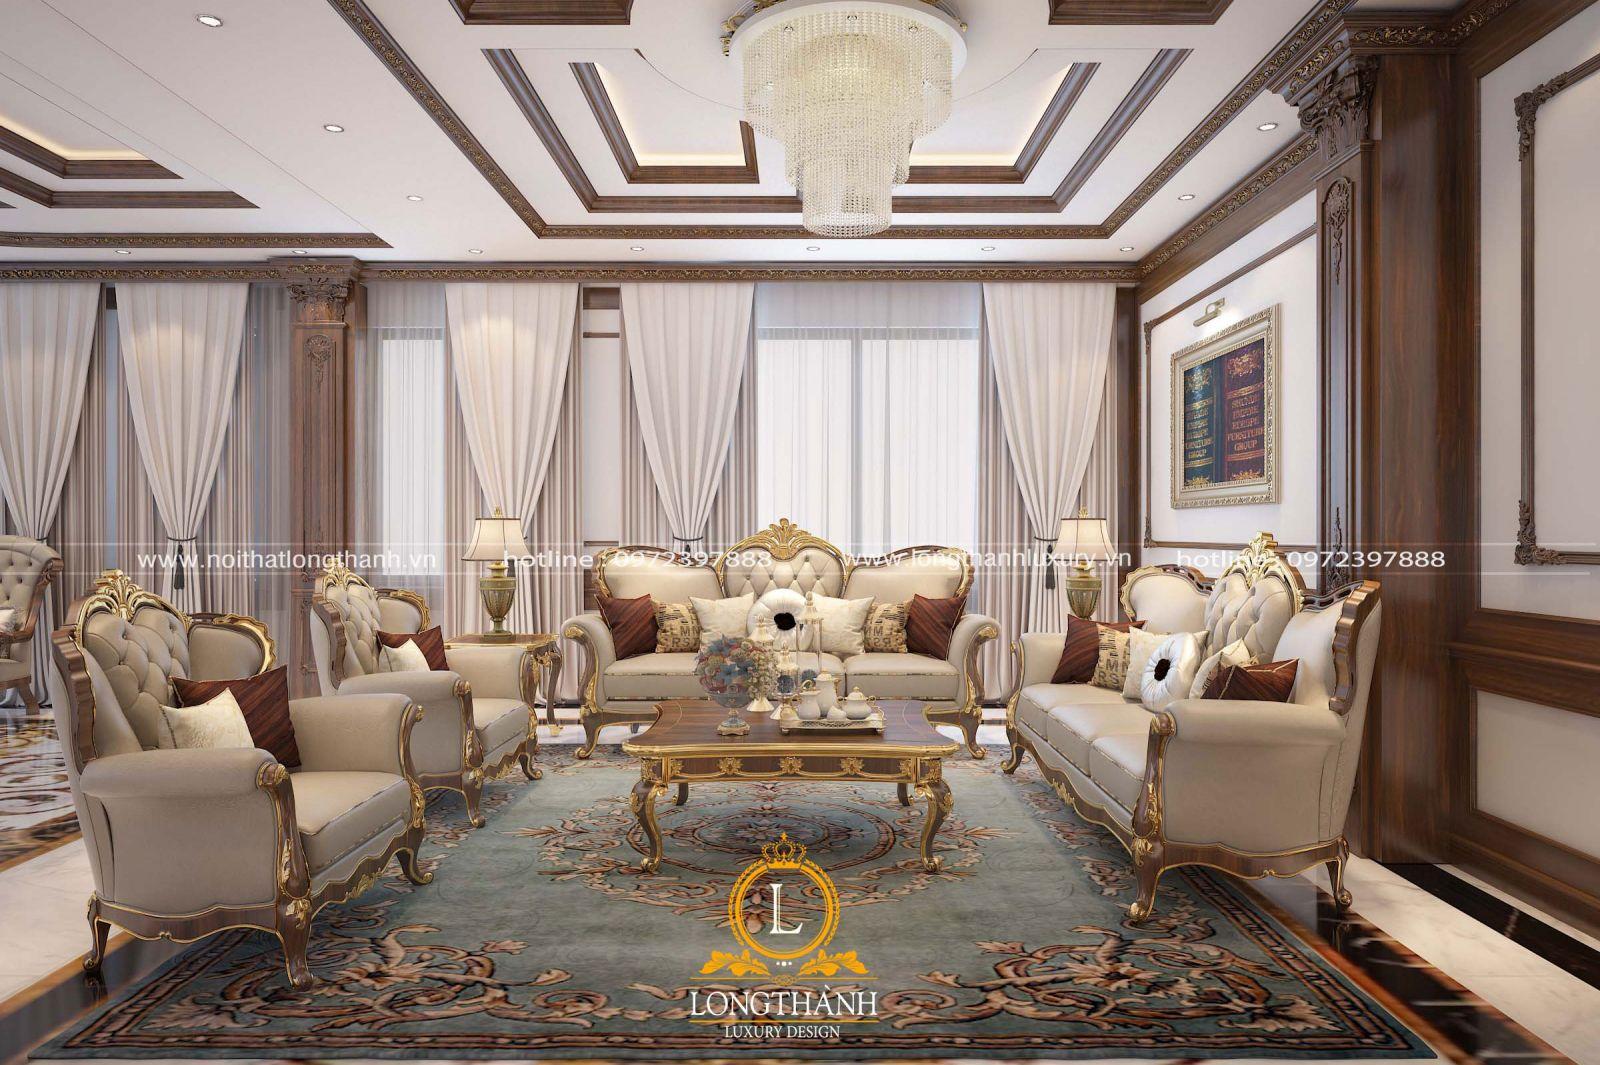 Đa dạng các màu sắc, chất liệu sofa cho khách hàng lựa chọn